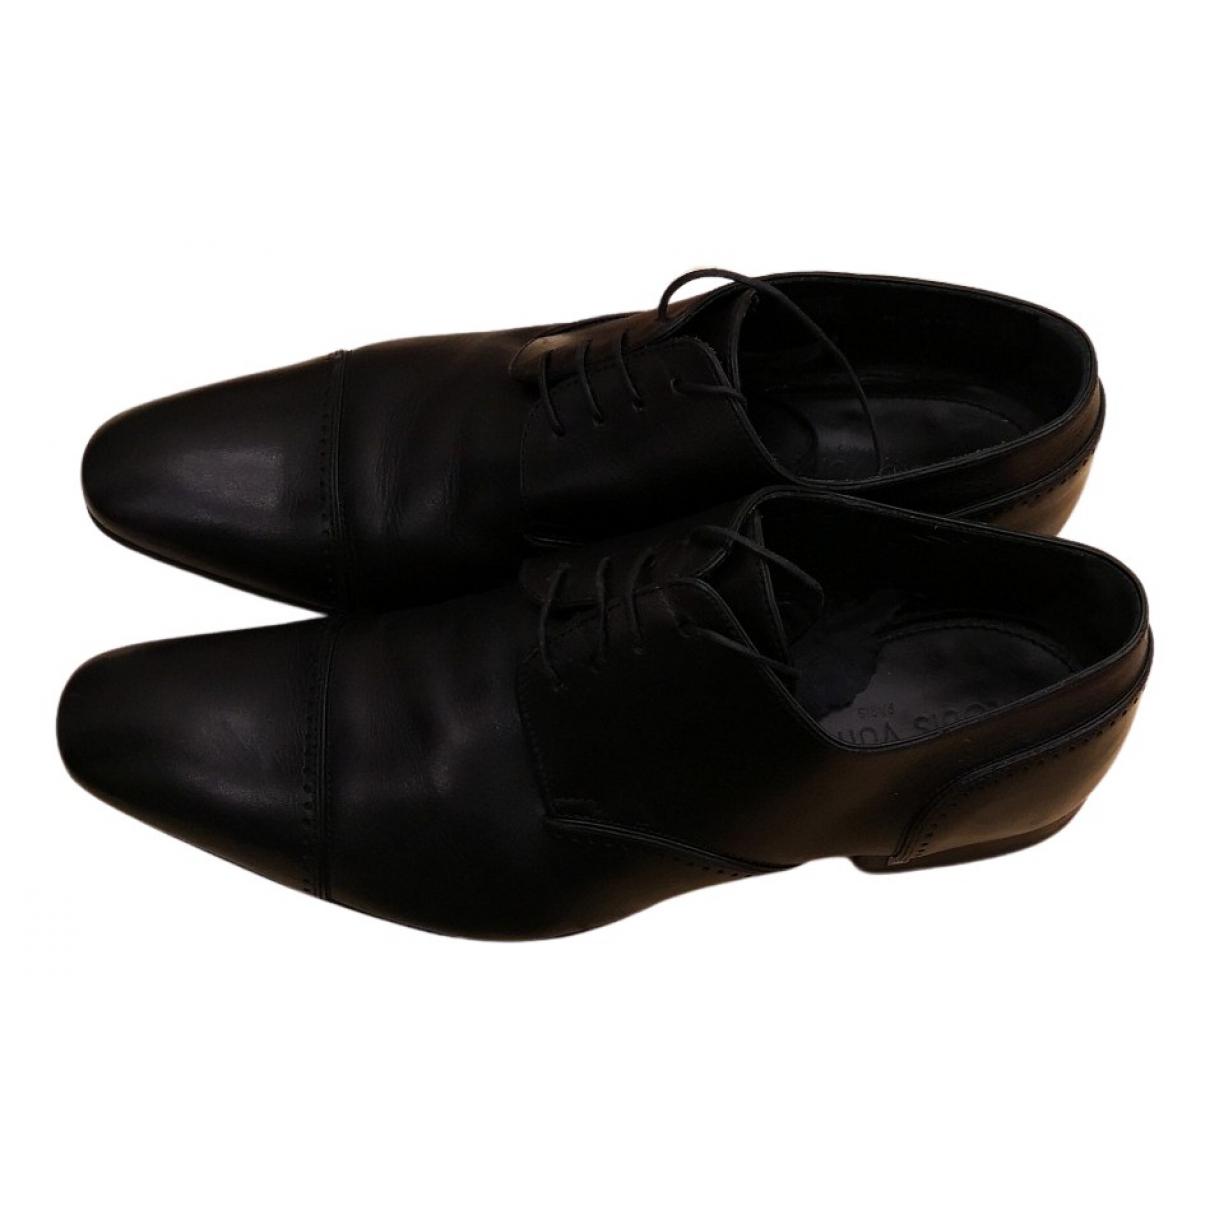 Louis Vuitton - Derbies   pour homme en cuir - noir